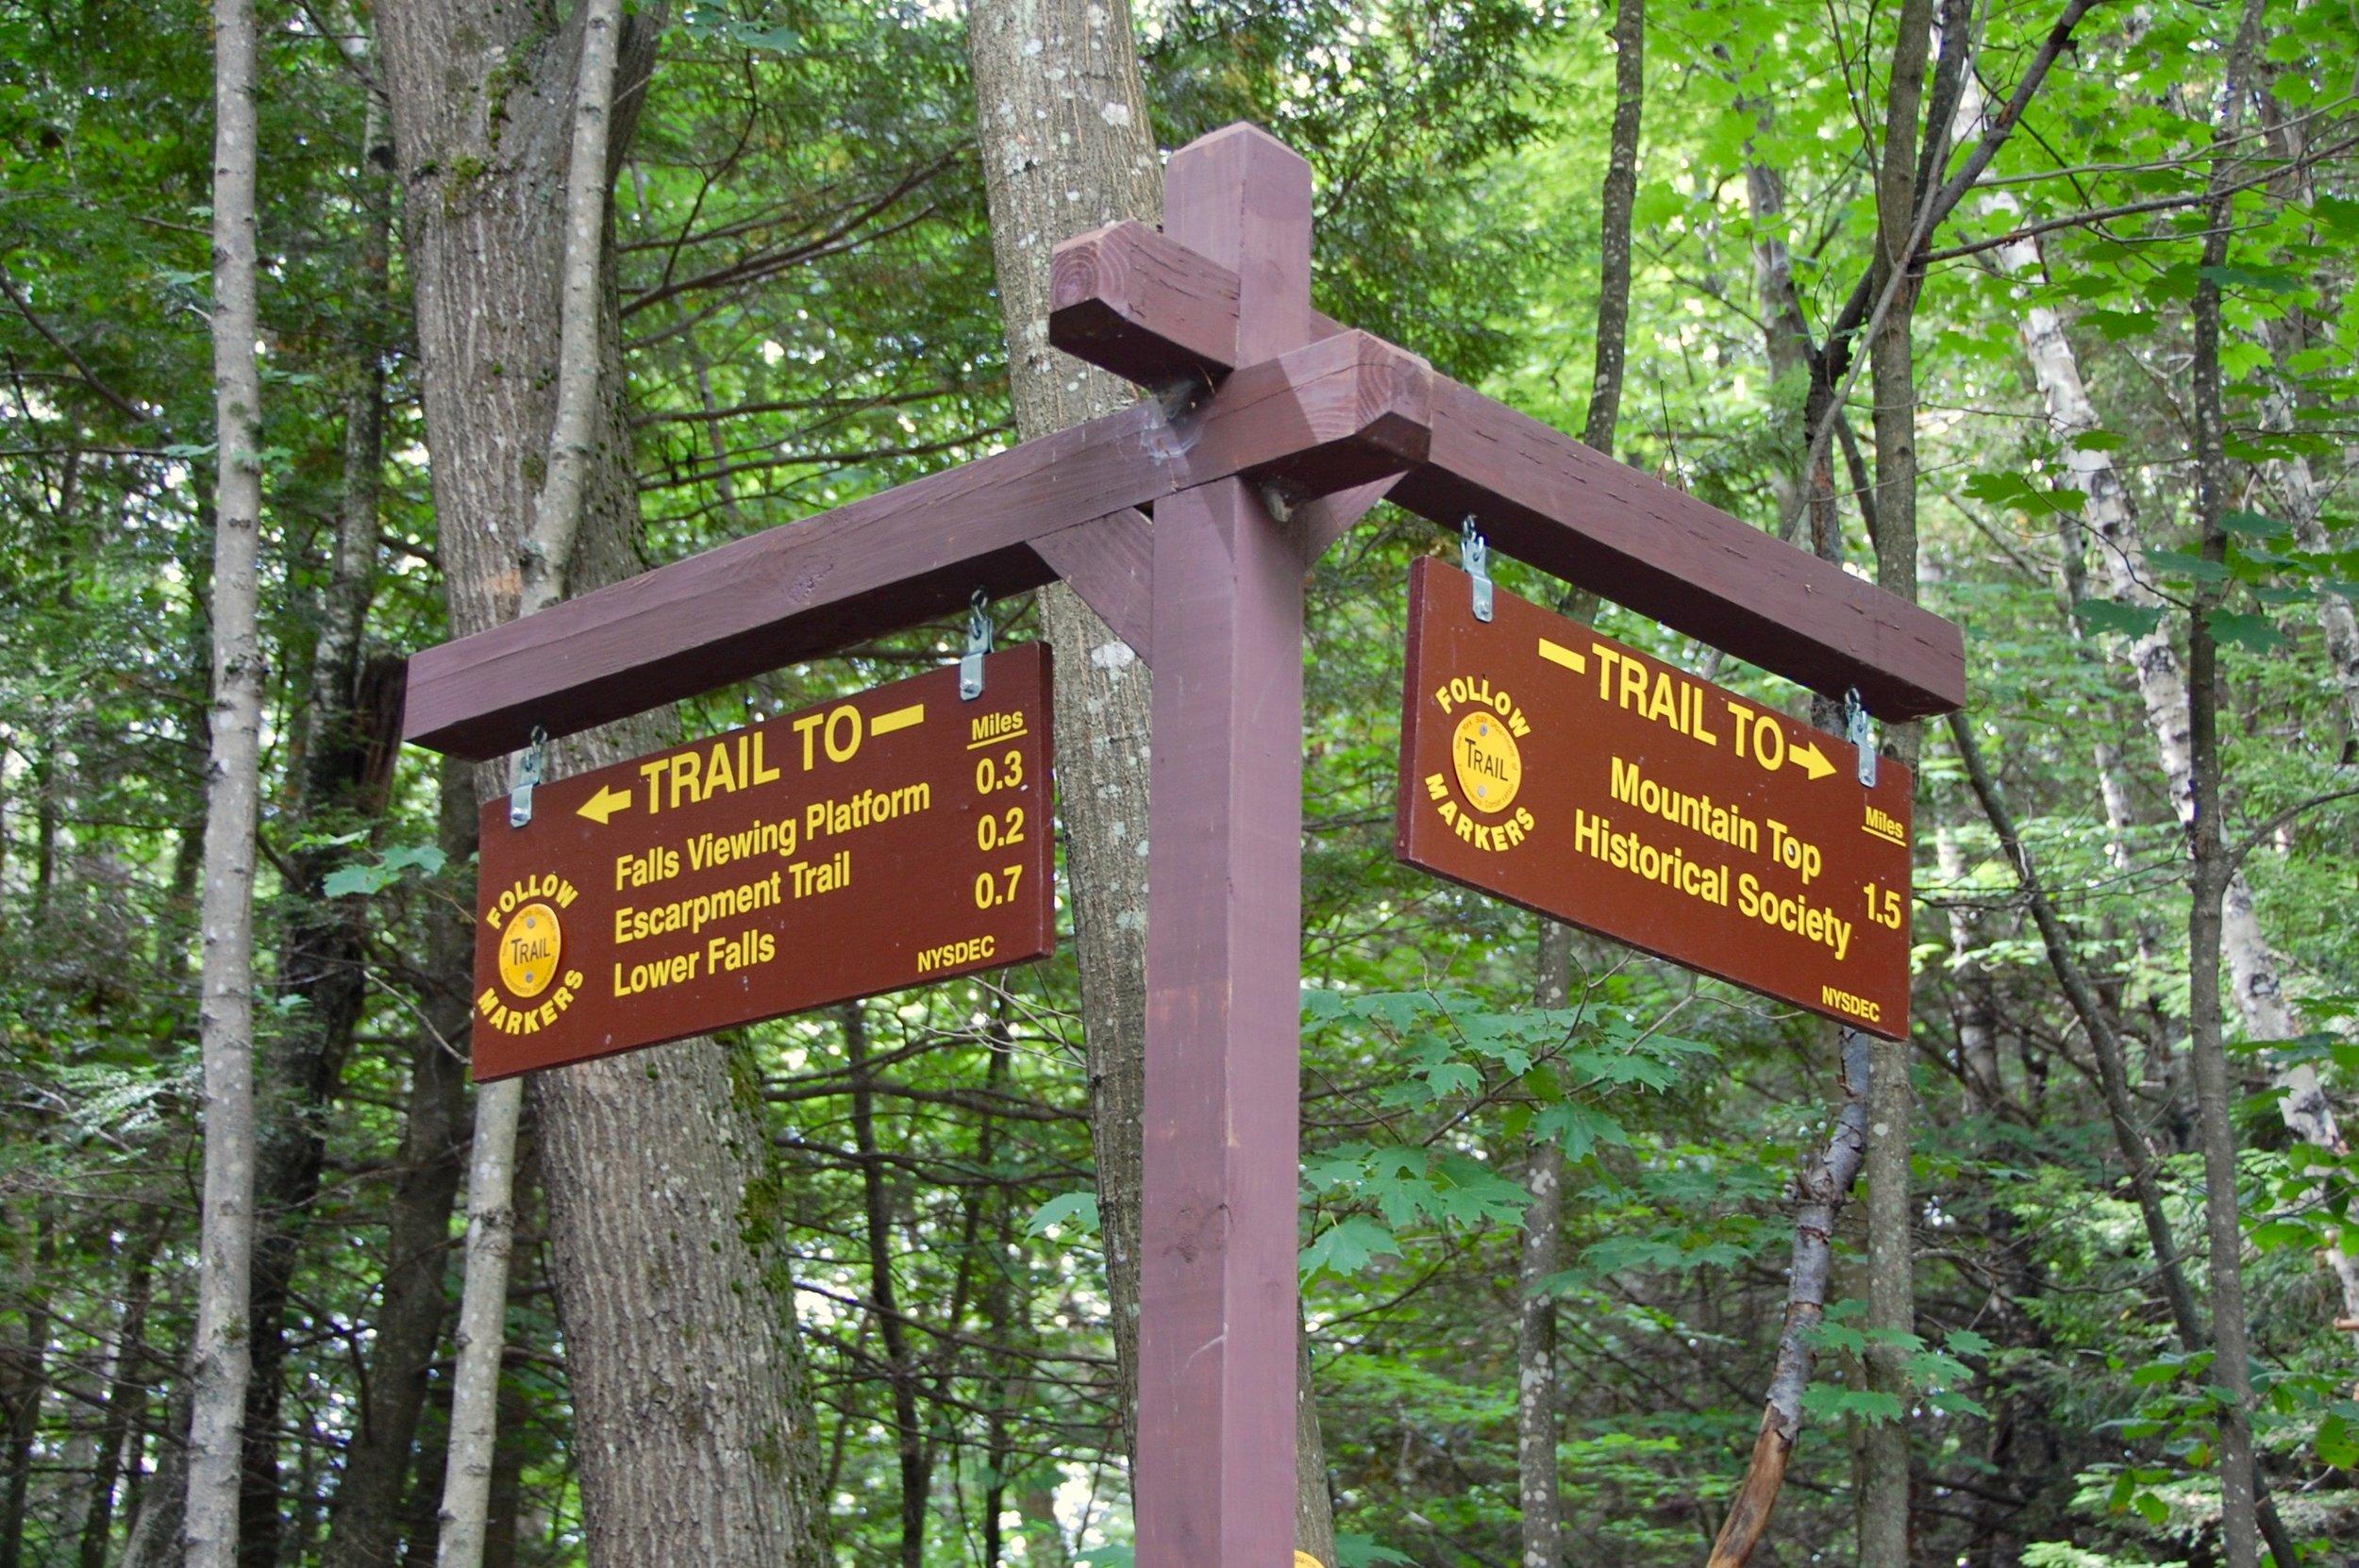 kaaterskill falls trails